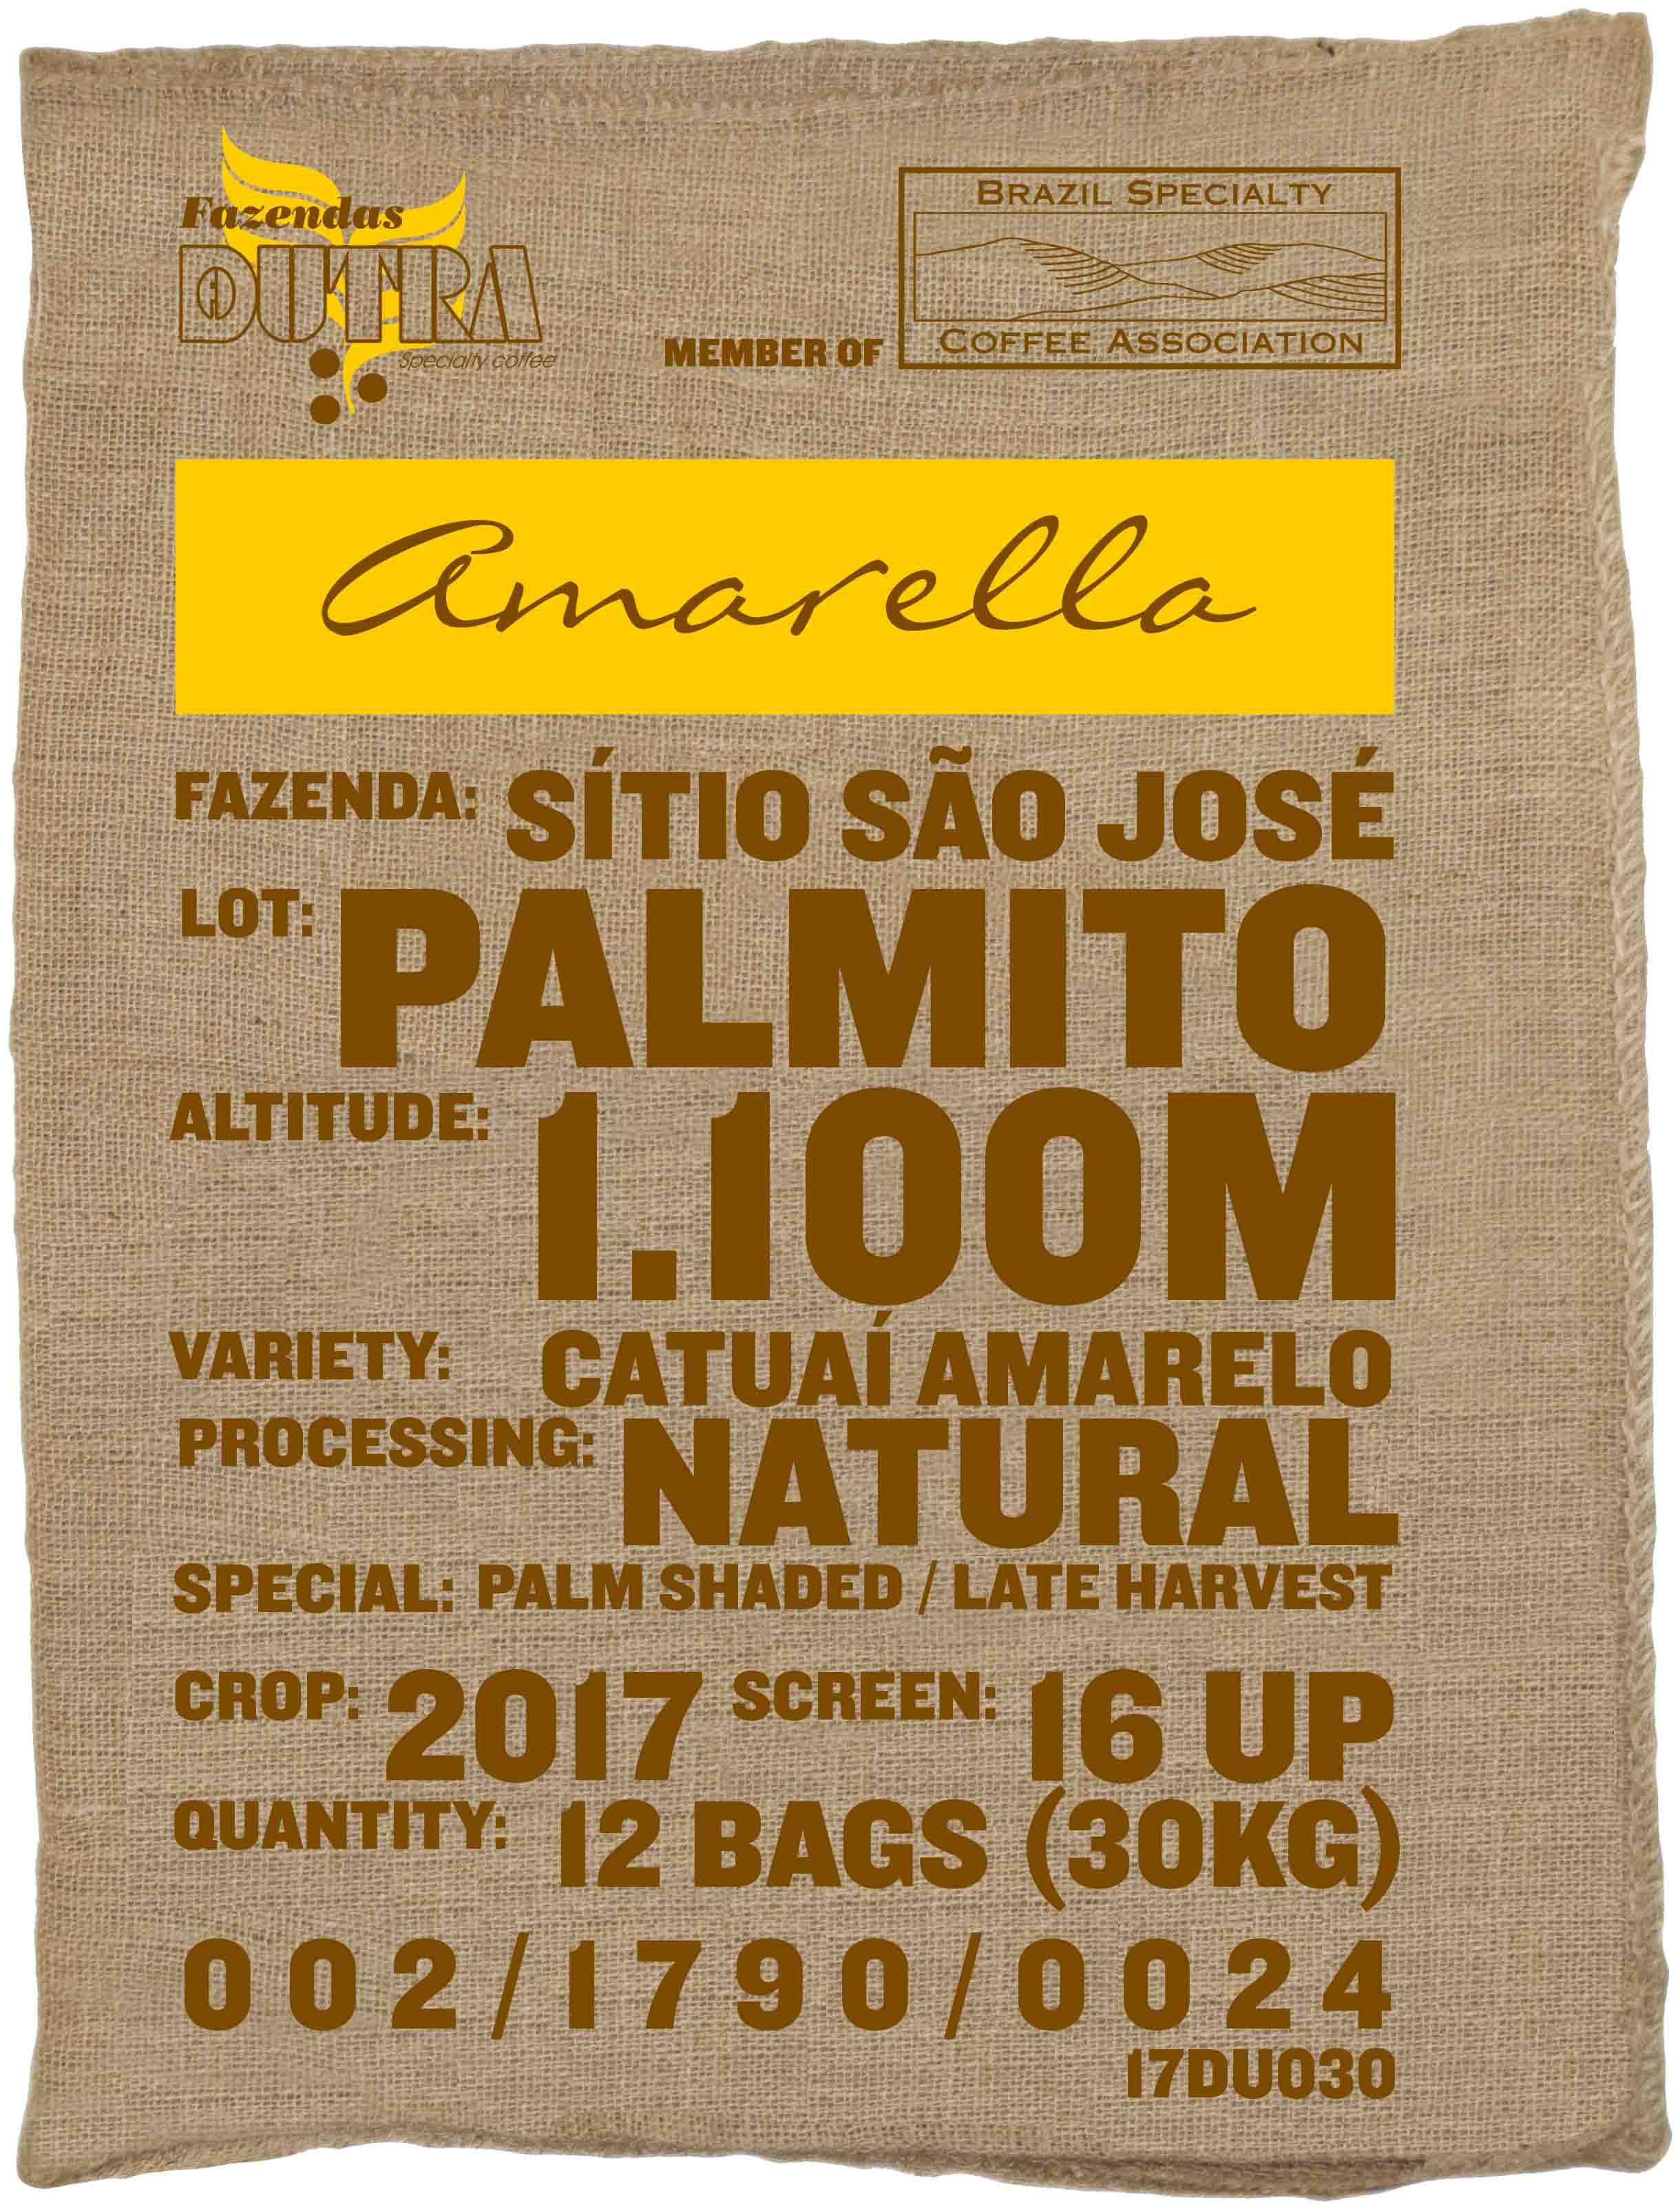 Ein Rohkaffeesack amarella Parzellenkaffee Varietät Catuai amarelo. Fazendas Dutra Lot Palmito.